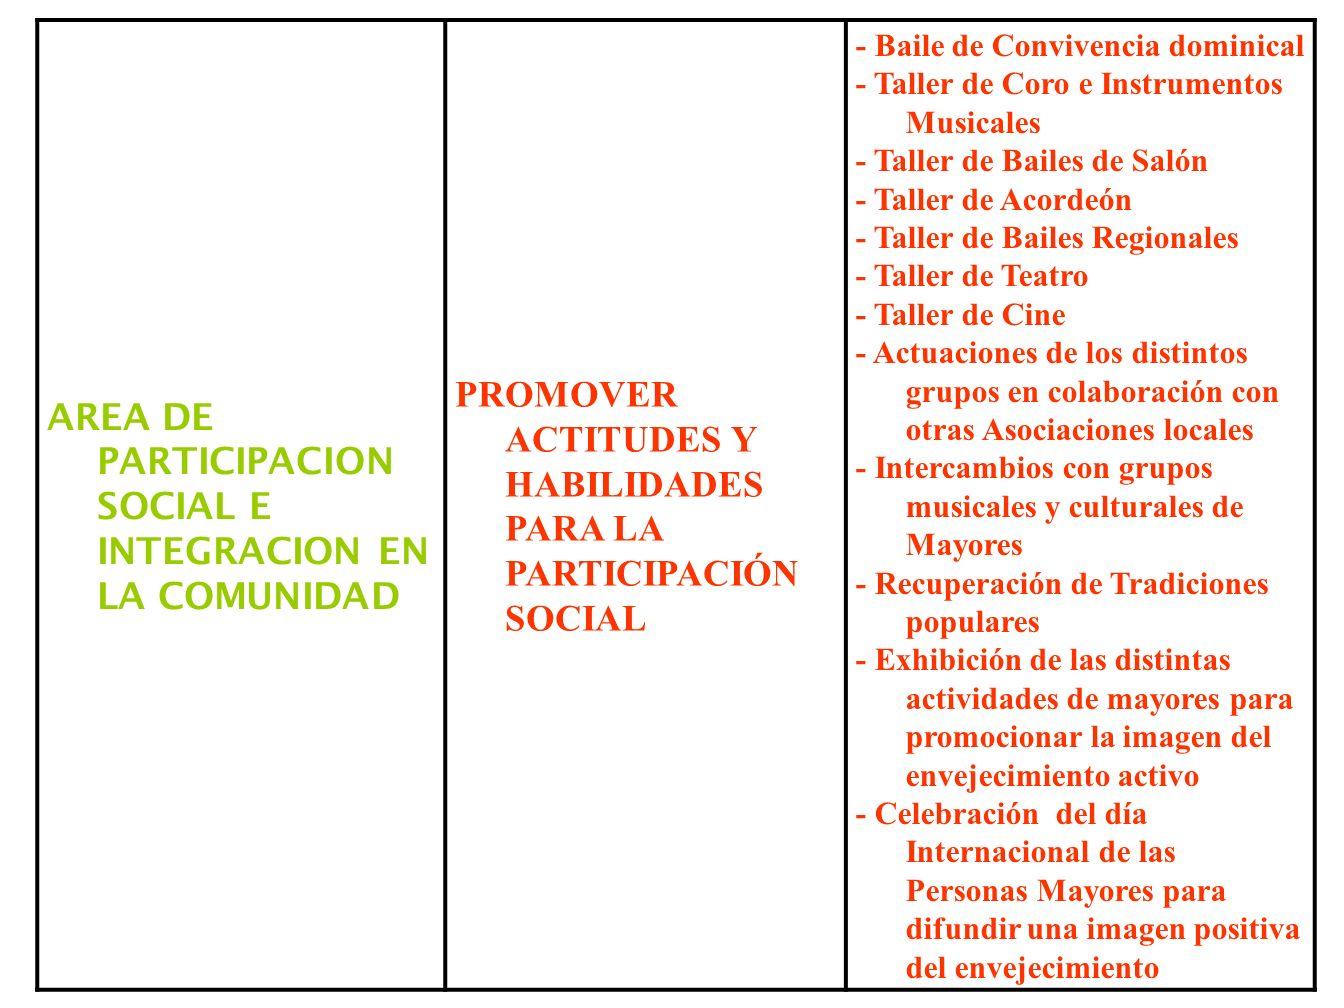 AREA DE PARTICIPACION SOCIAL E INTEGRACION EN LA COMUNIDAD